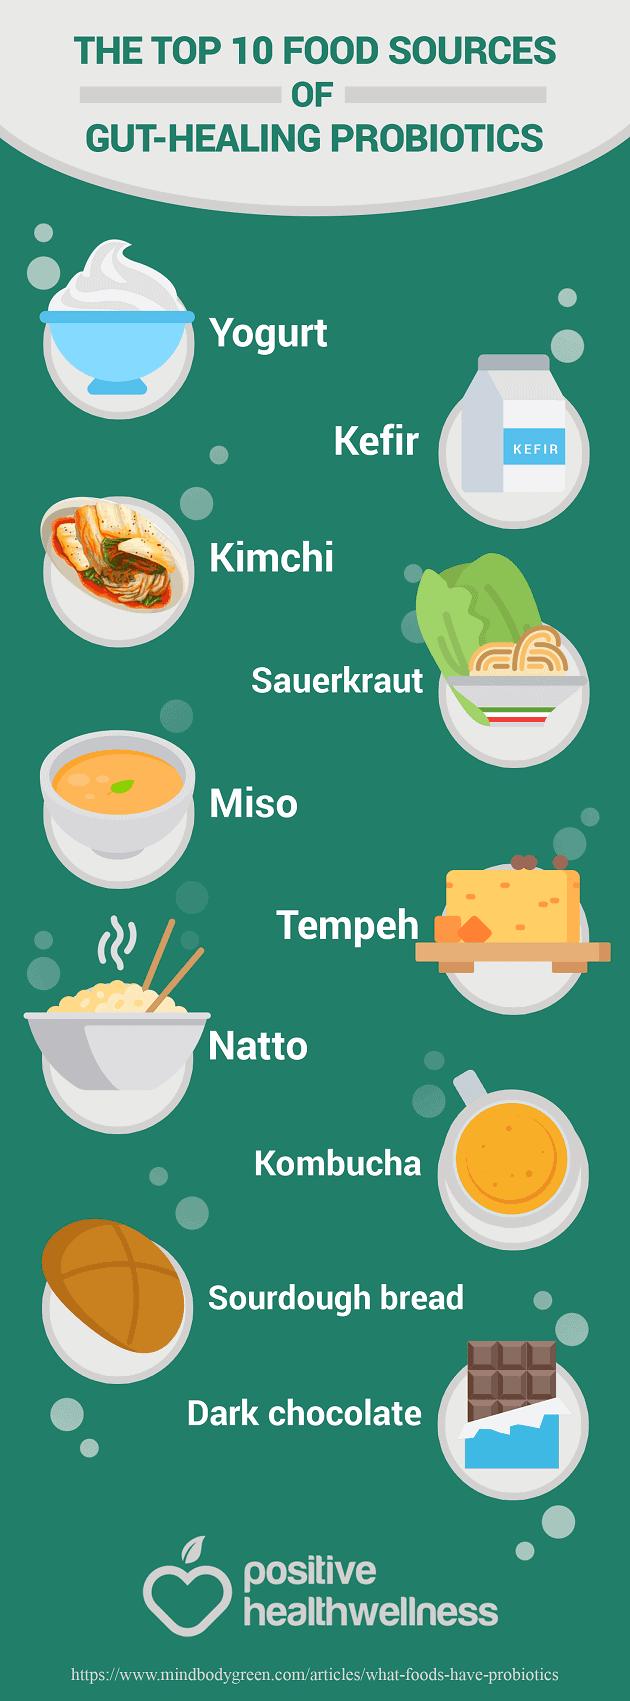 The-Top-10-Food-Sources-Of-Gut-Healing-Probiotics